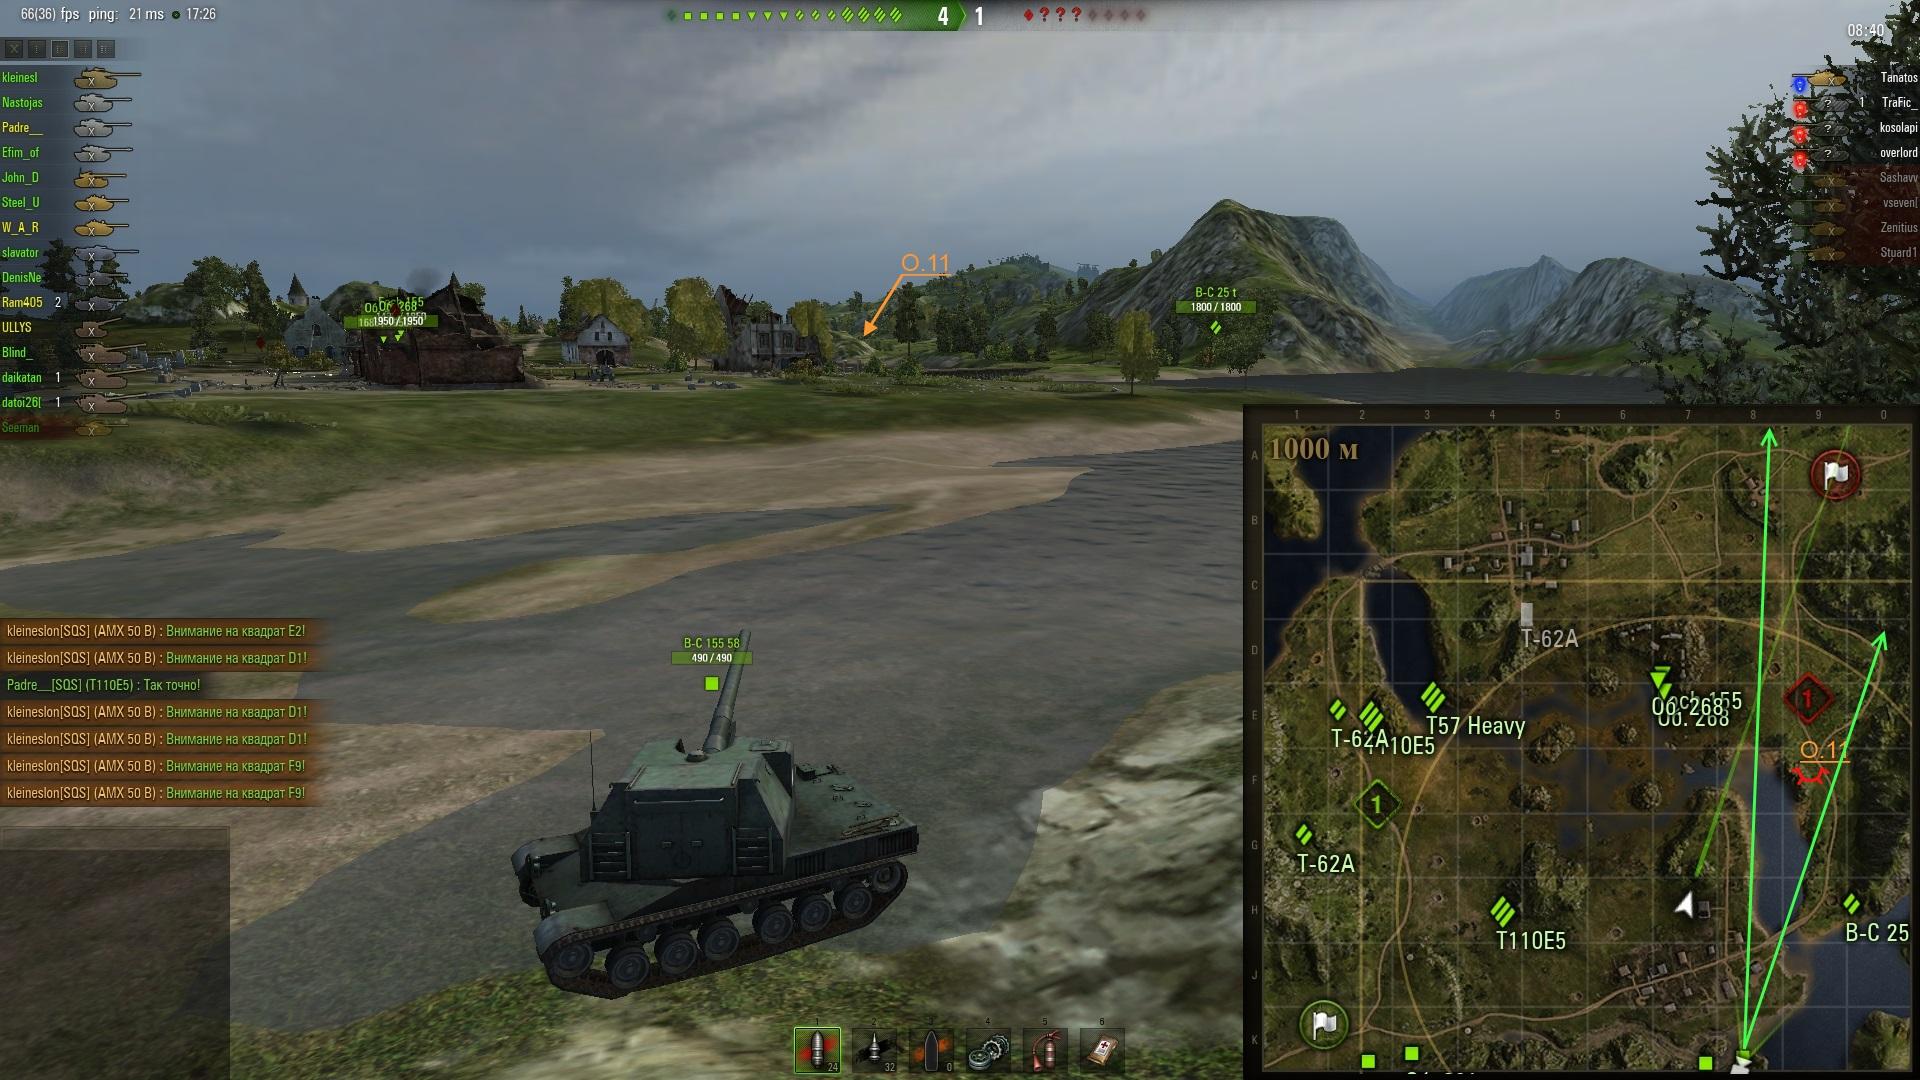 НБ Возможность артиллерии прострела позиции О11 из К8